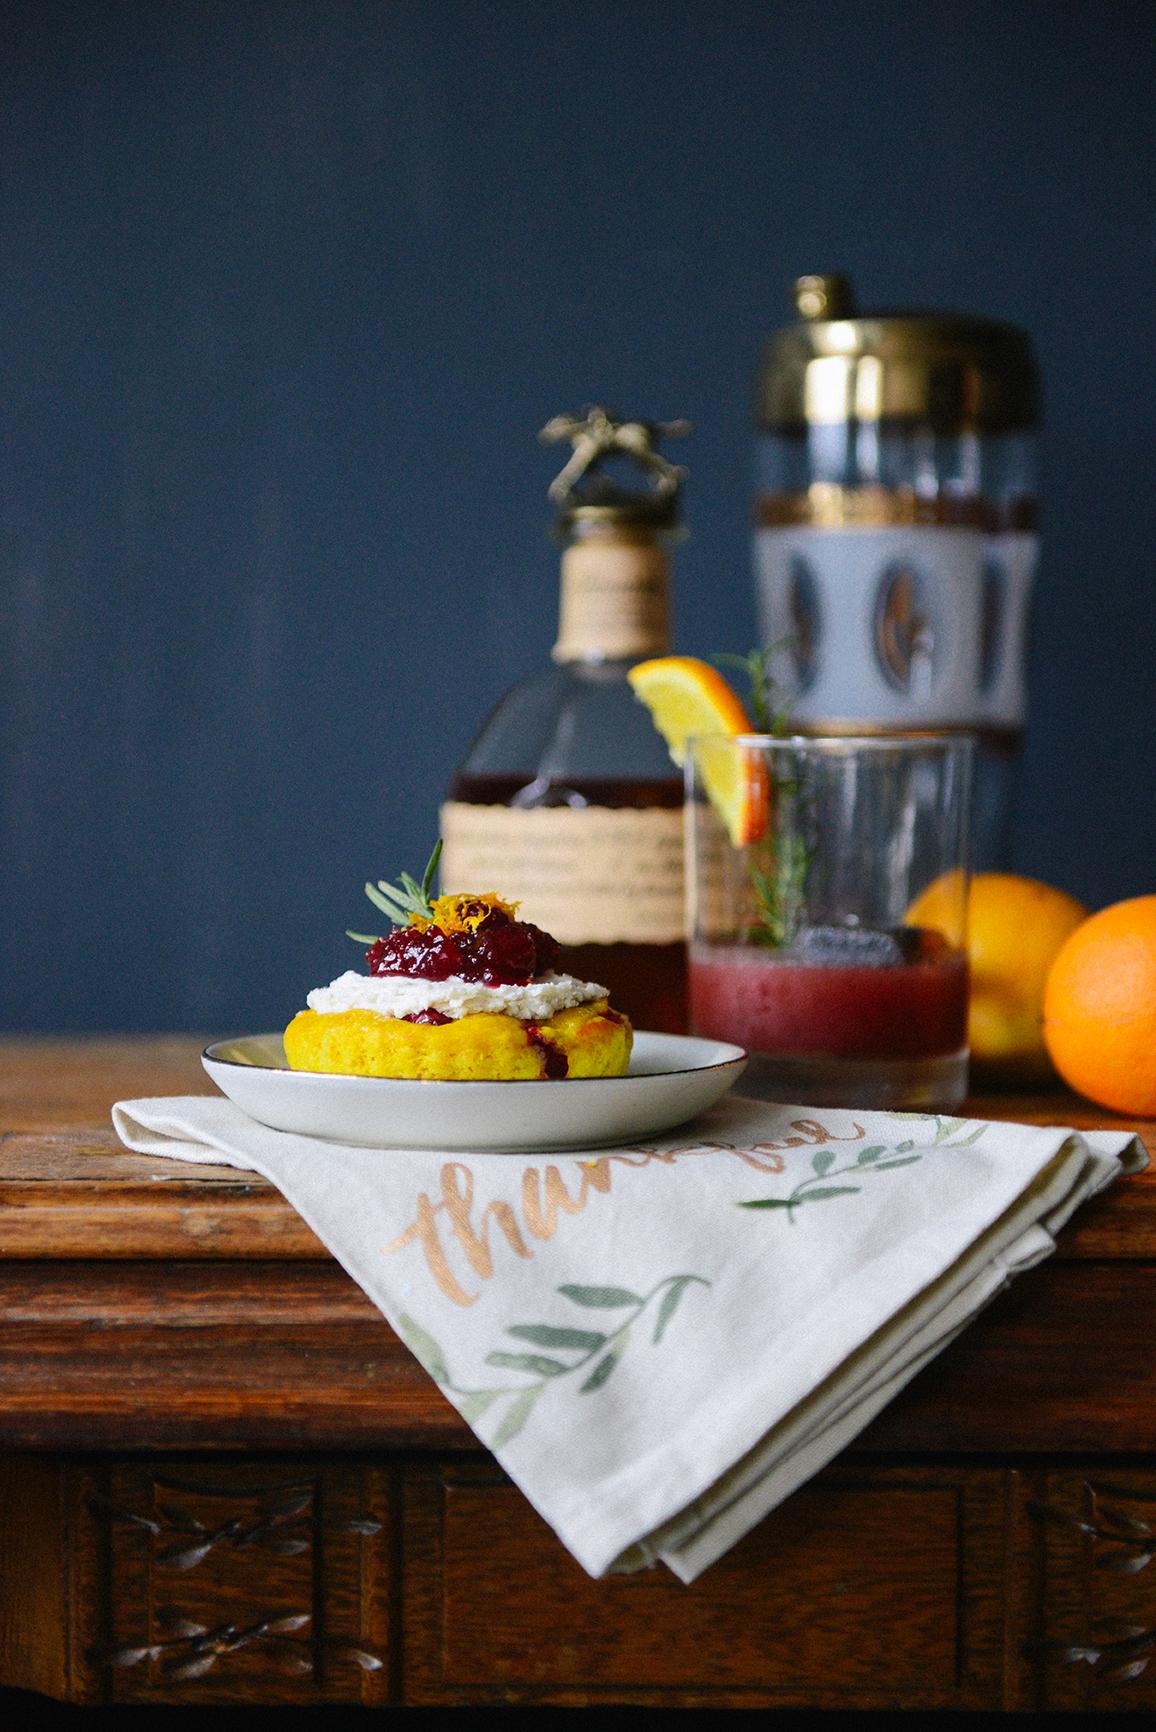 Leftover Cranberry Sauce Cocktails & Cake Garnishes